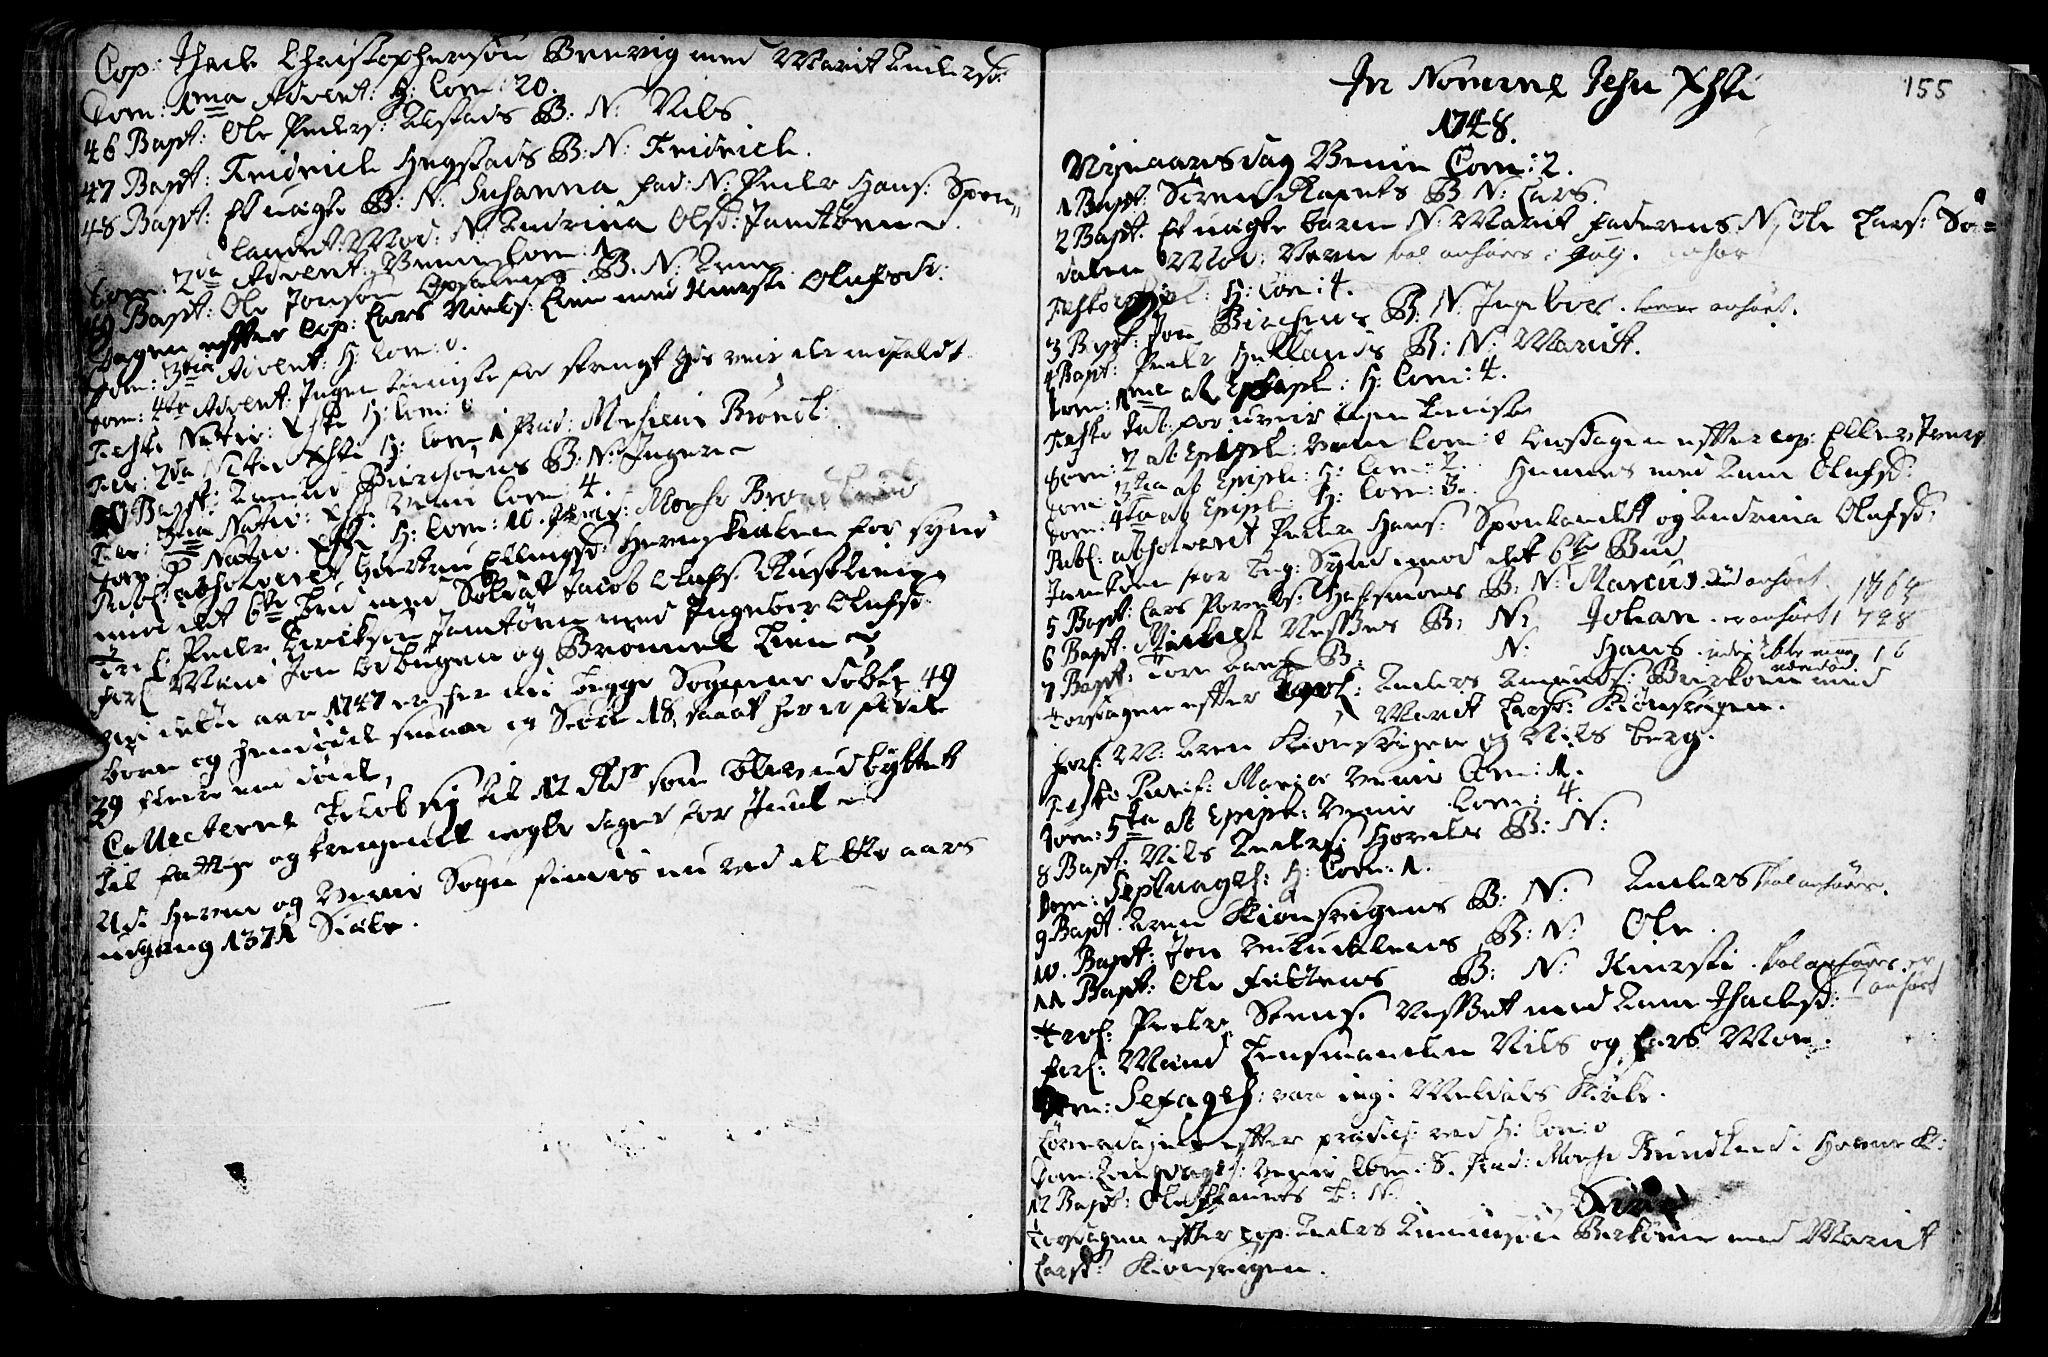 SAT, Ministerialprotokoller, klokkerbøker og fødselsregistre - Sør-Trøndelag, 630/L0488: Ministerialbok nr. 630A01, 1717-1756, s. 154-155